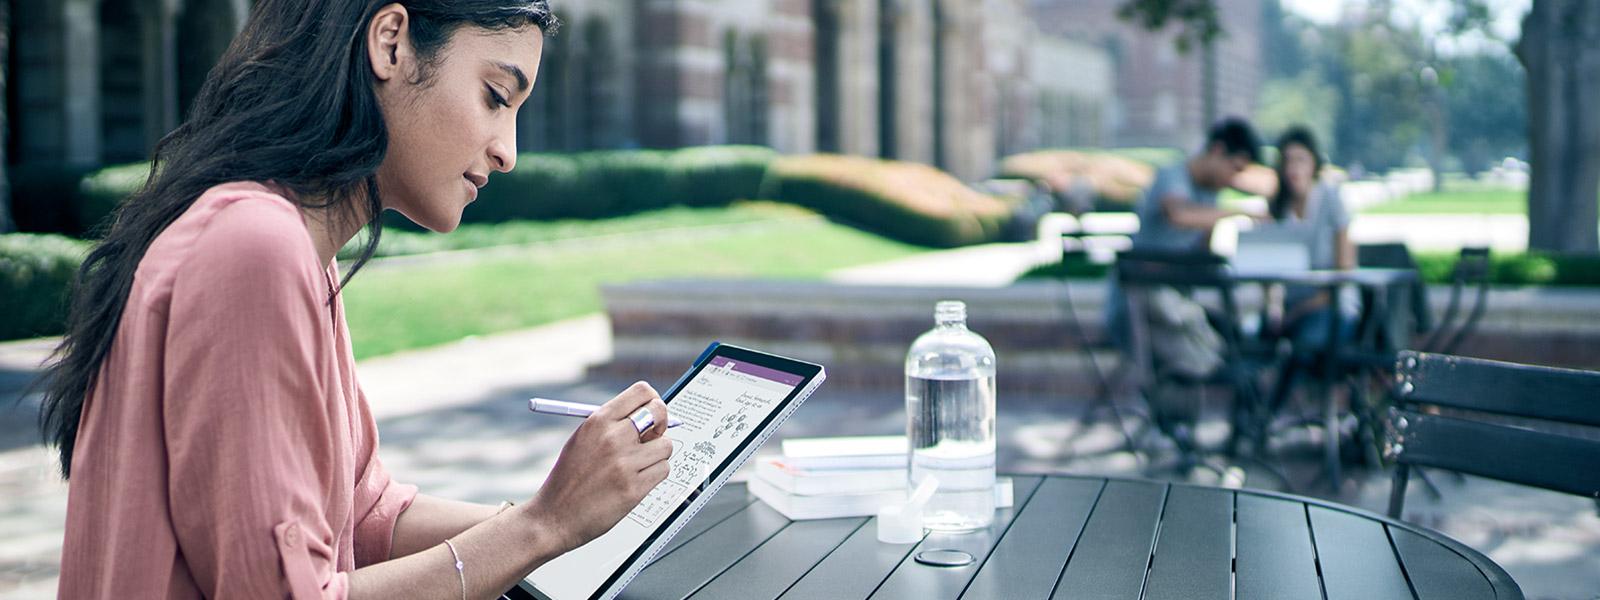 ผู้หญิงนั่งอยู่ในอาคาร กำลังใช้ทัชสกรีนของ Surface Pro 4 ในโหมดแท็บเล็ต